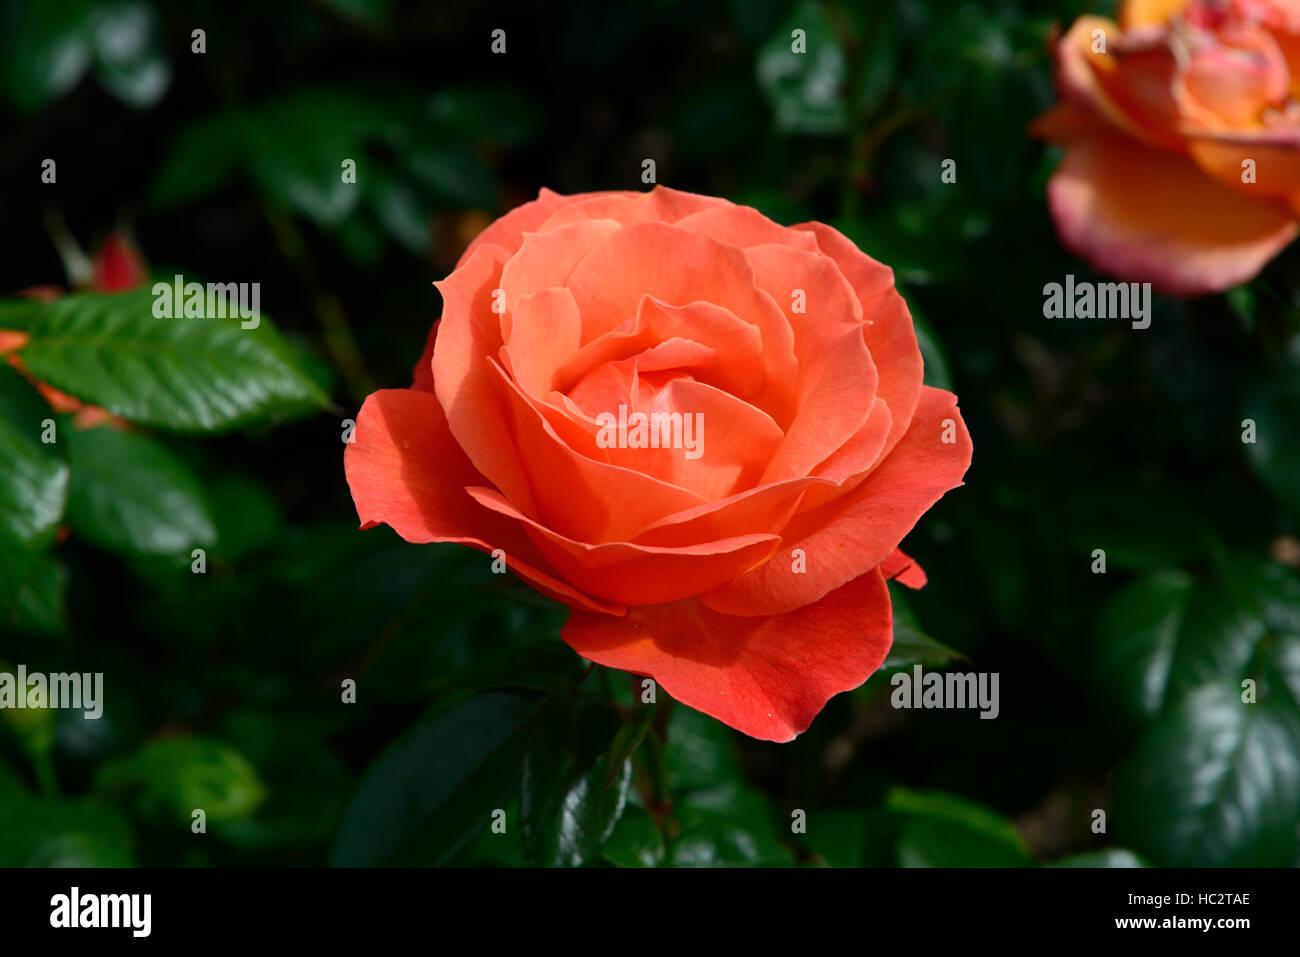 Becas arbusto Harwelcome rosa rosas rosas flores naranjas flores fragantes floración floración de arbustos Imagen De Stock